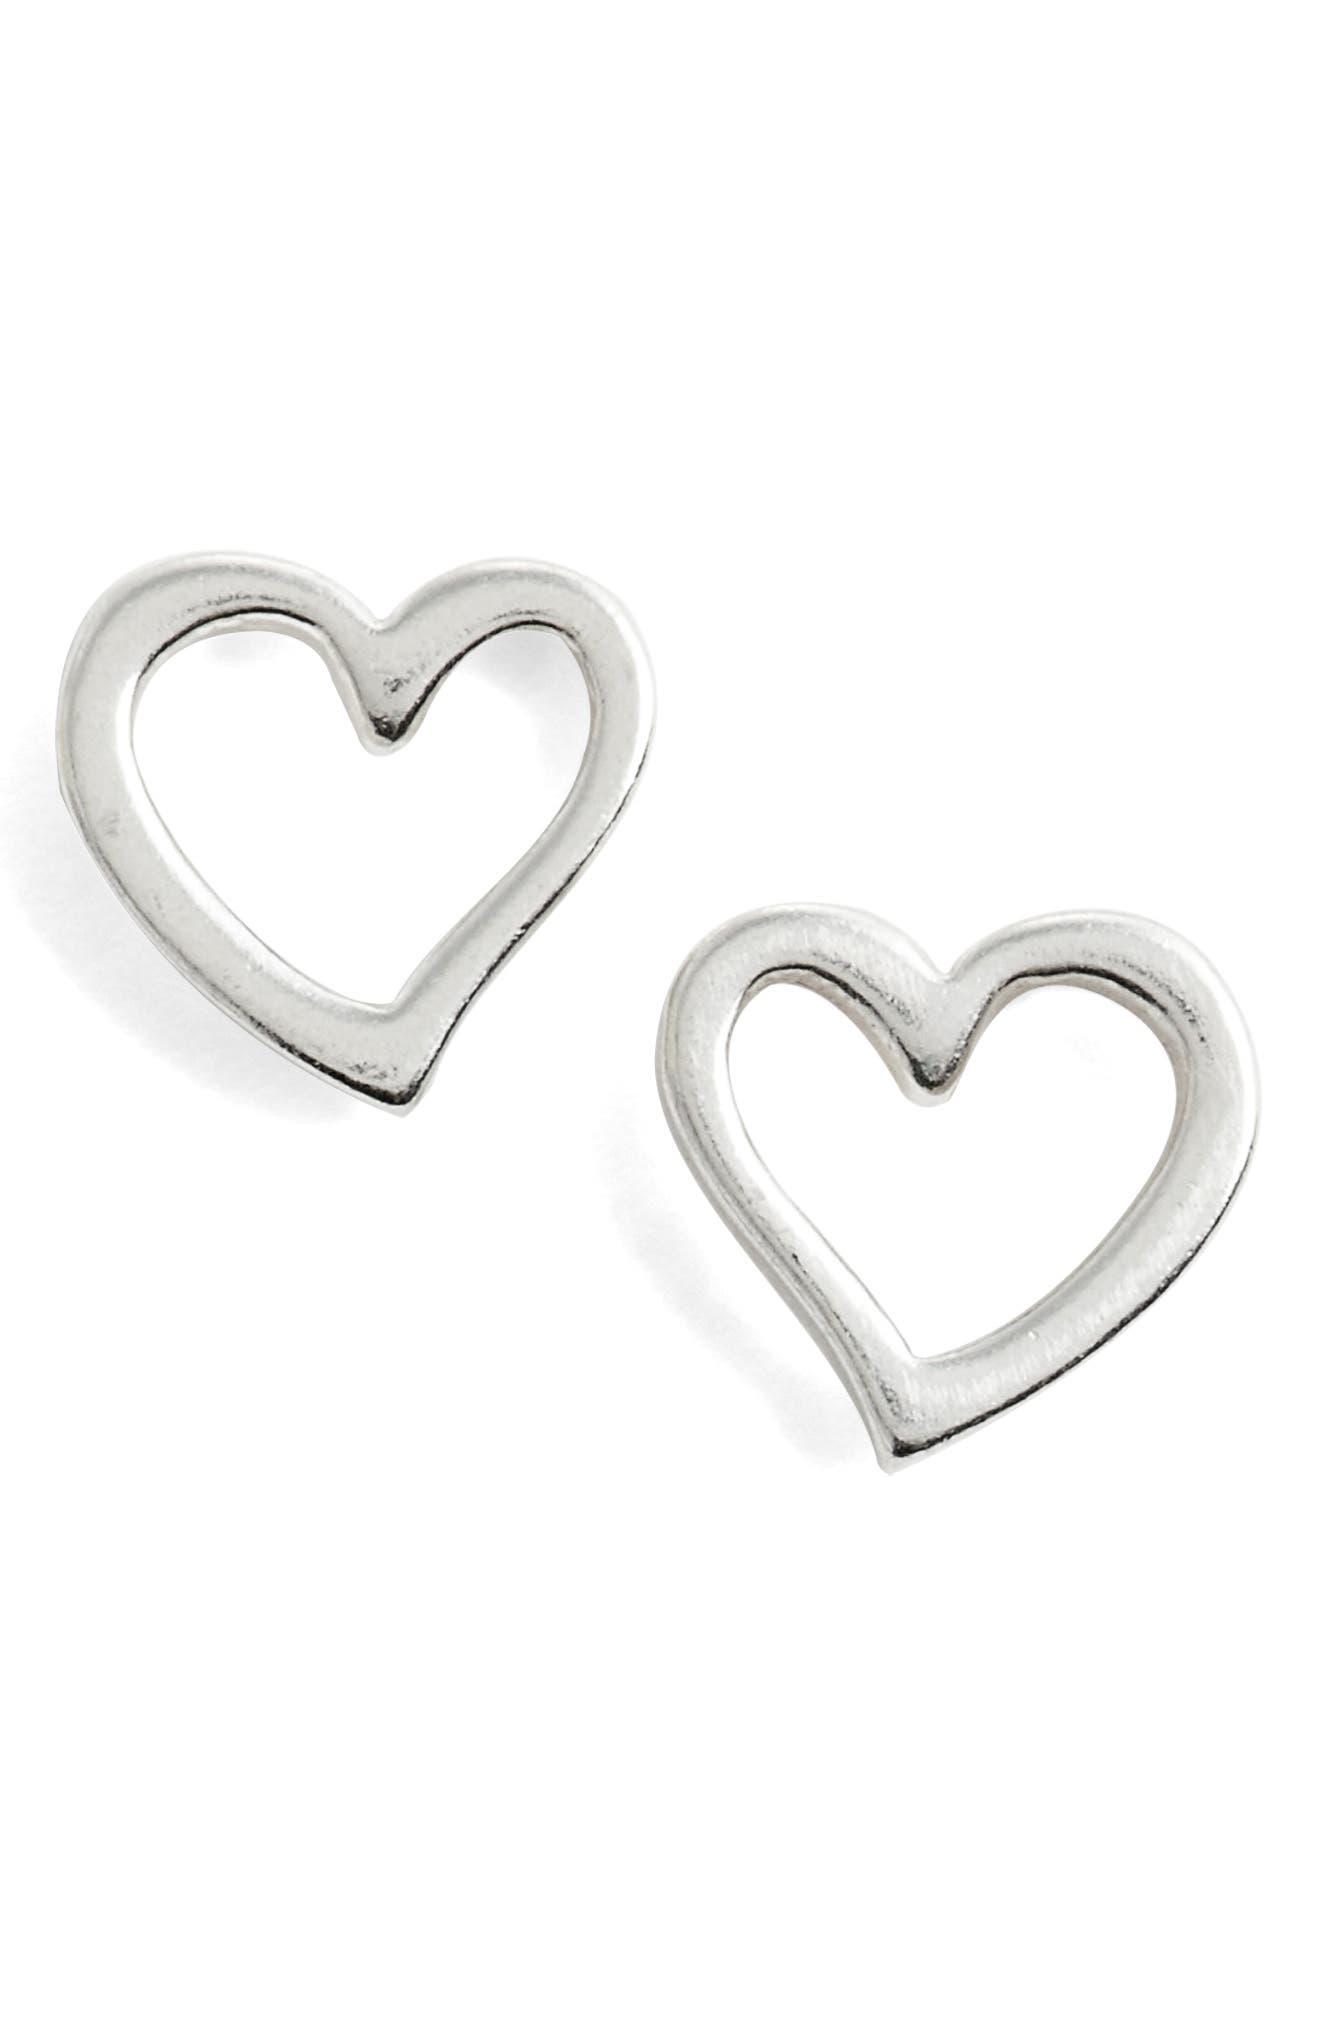 Heart Earrings,                             Main thumbnail 1, color,                             Silver